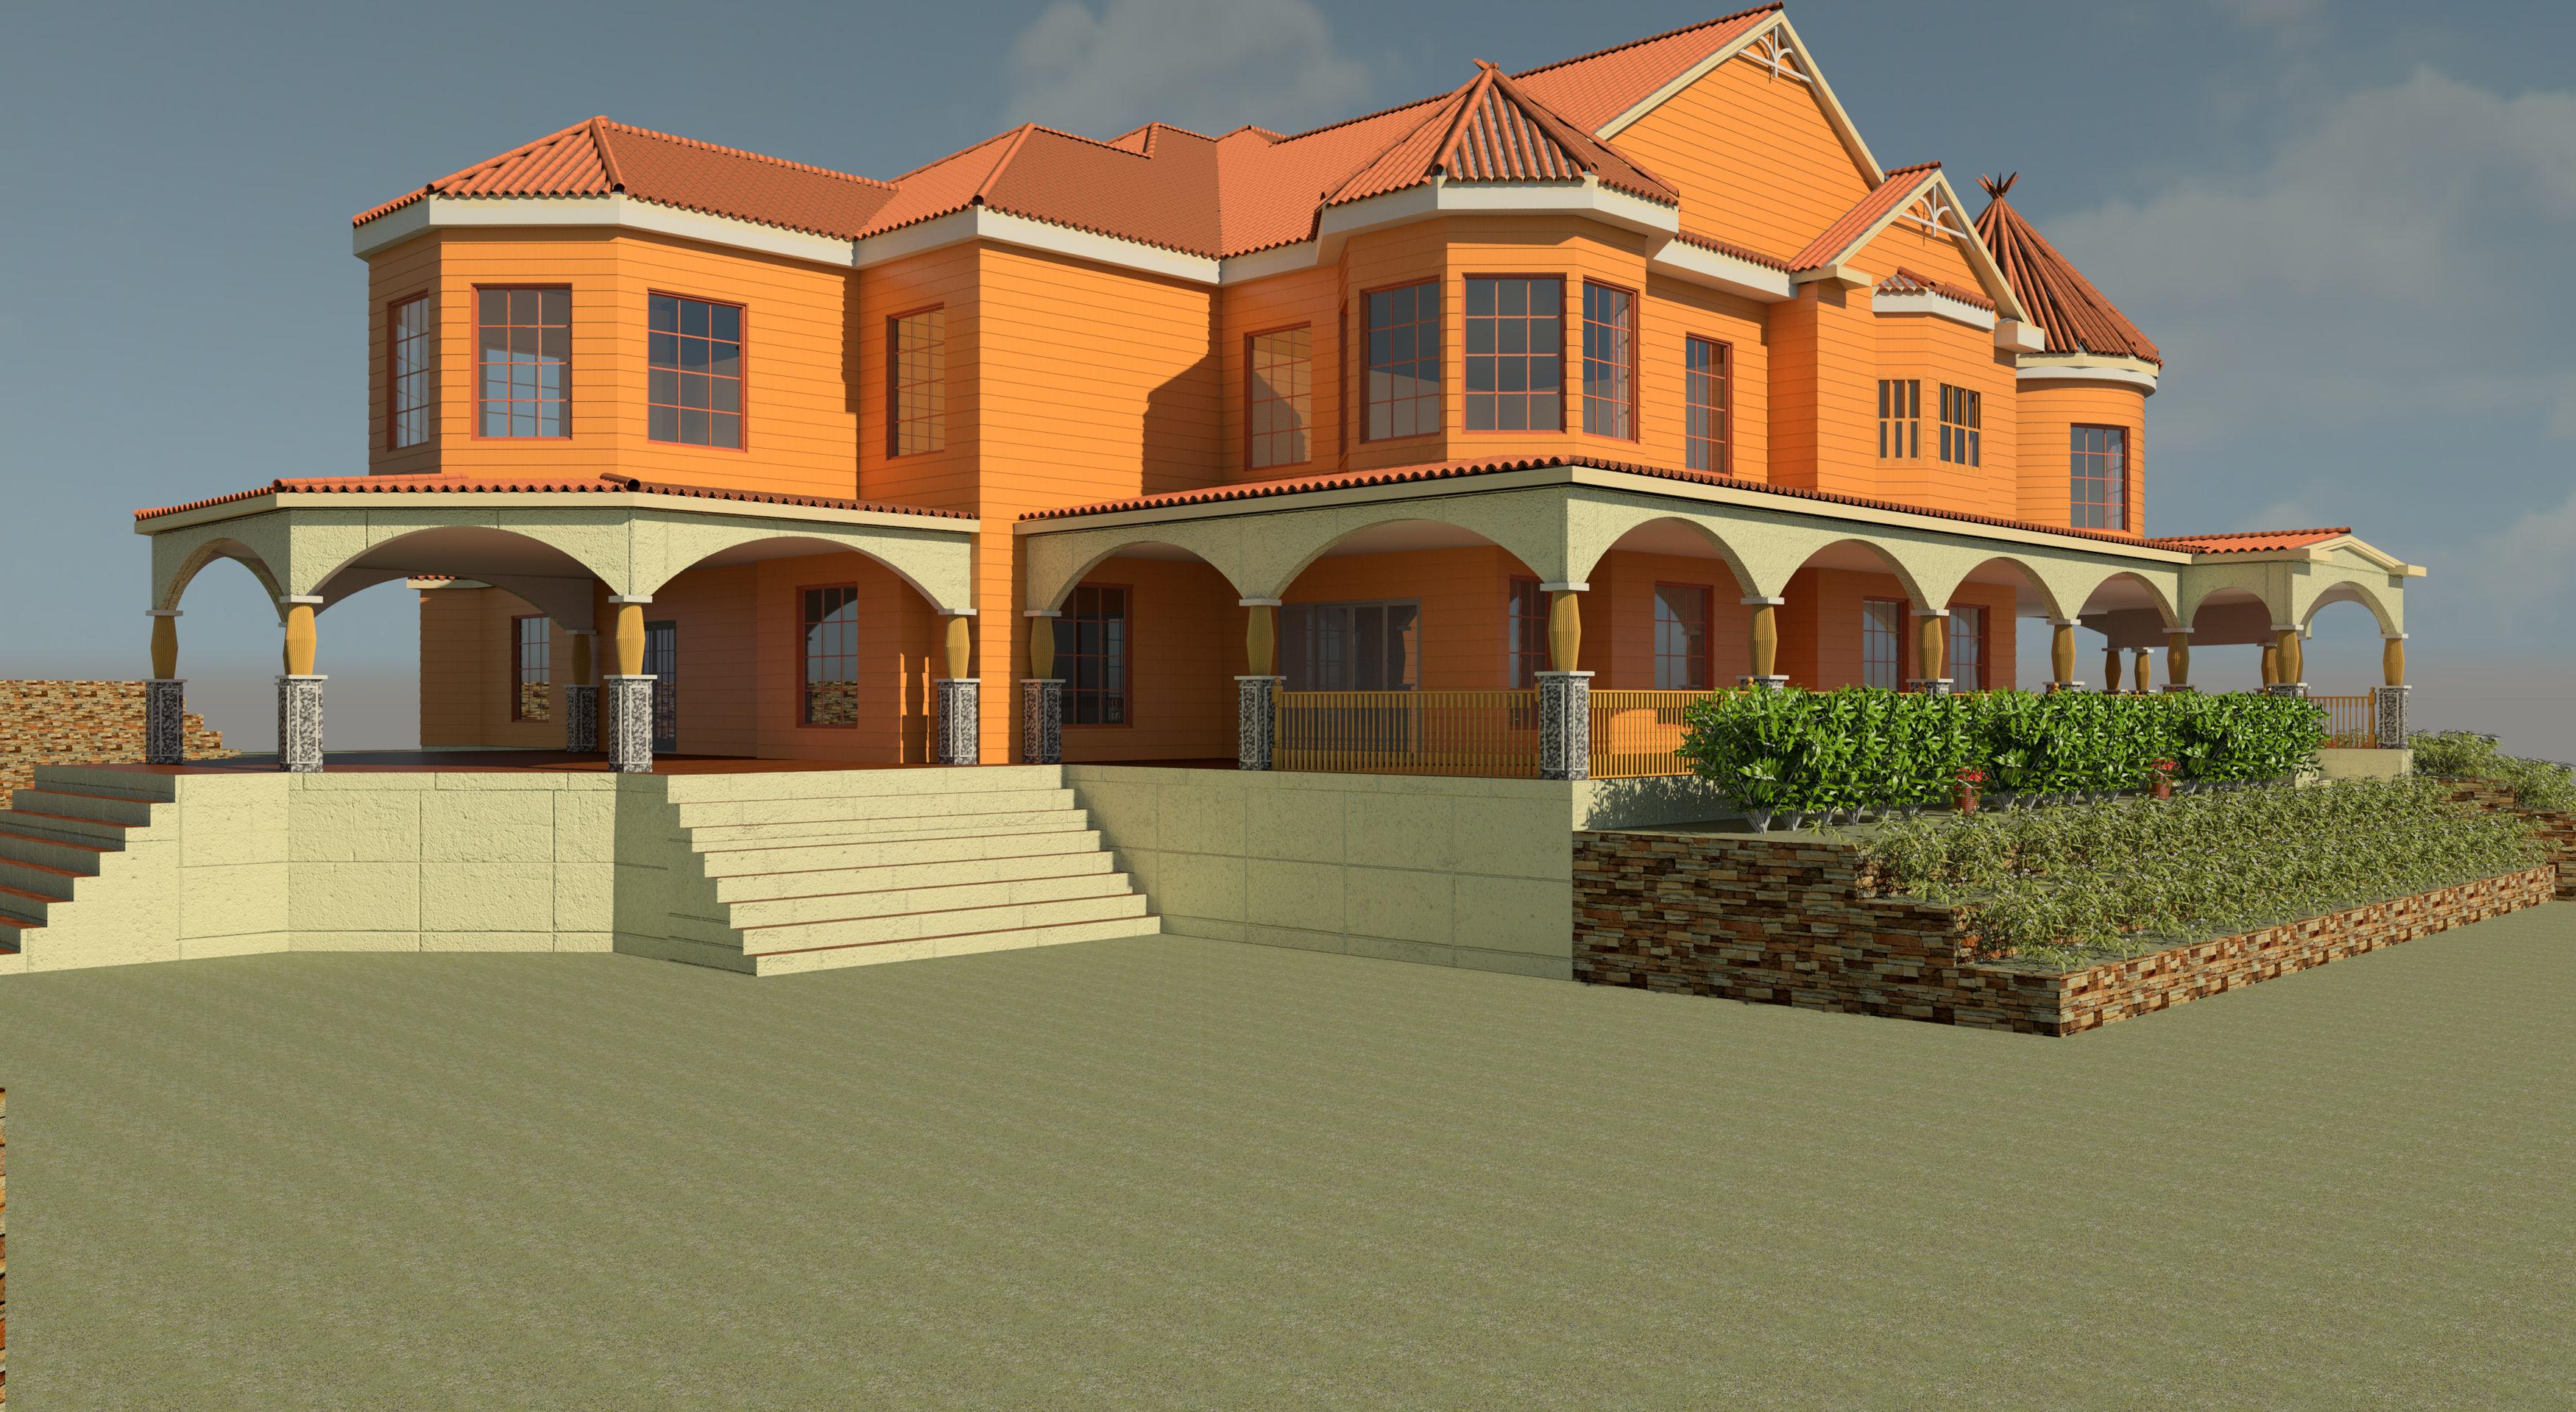 mia casa network Casa mia - real estate franchising network, hunedoara 25 likes real estate frankising network o poarta unde poti gasi casa ta.